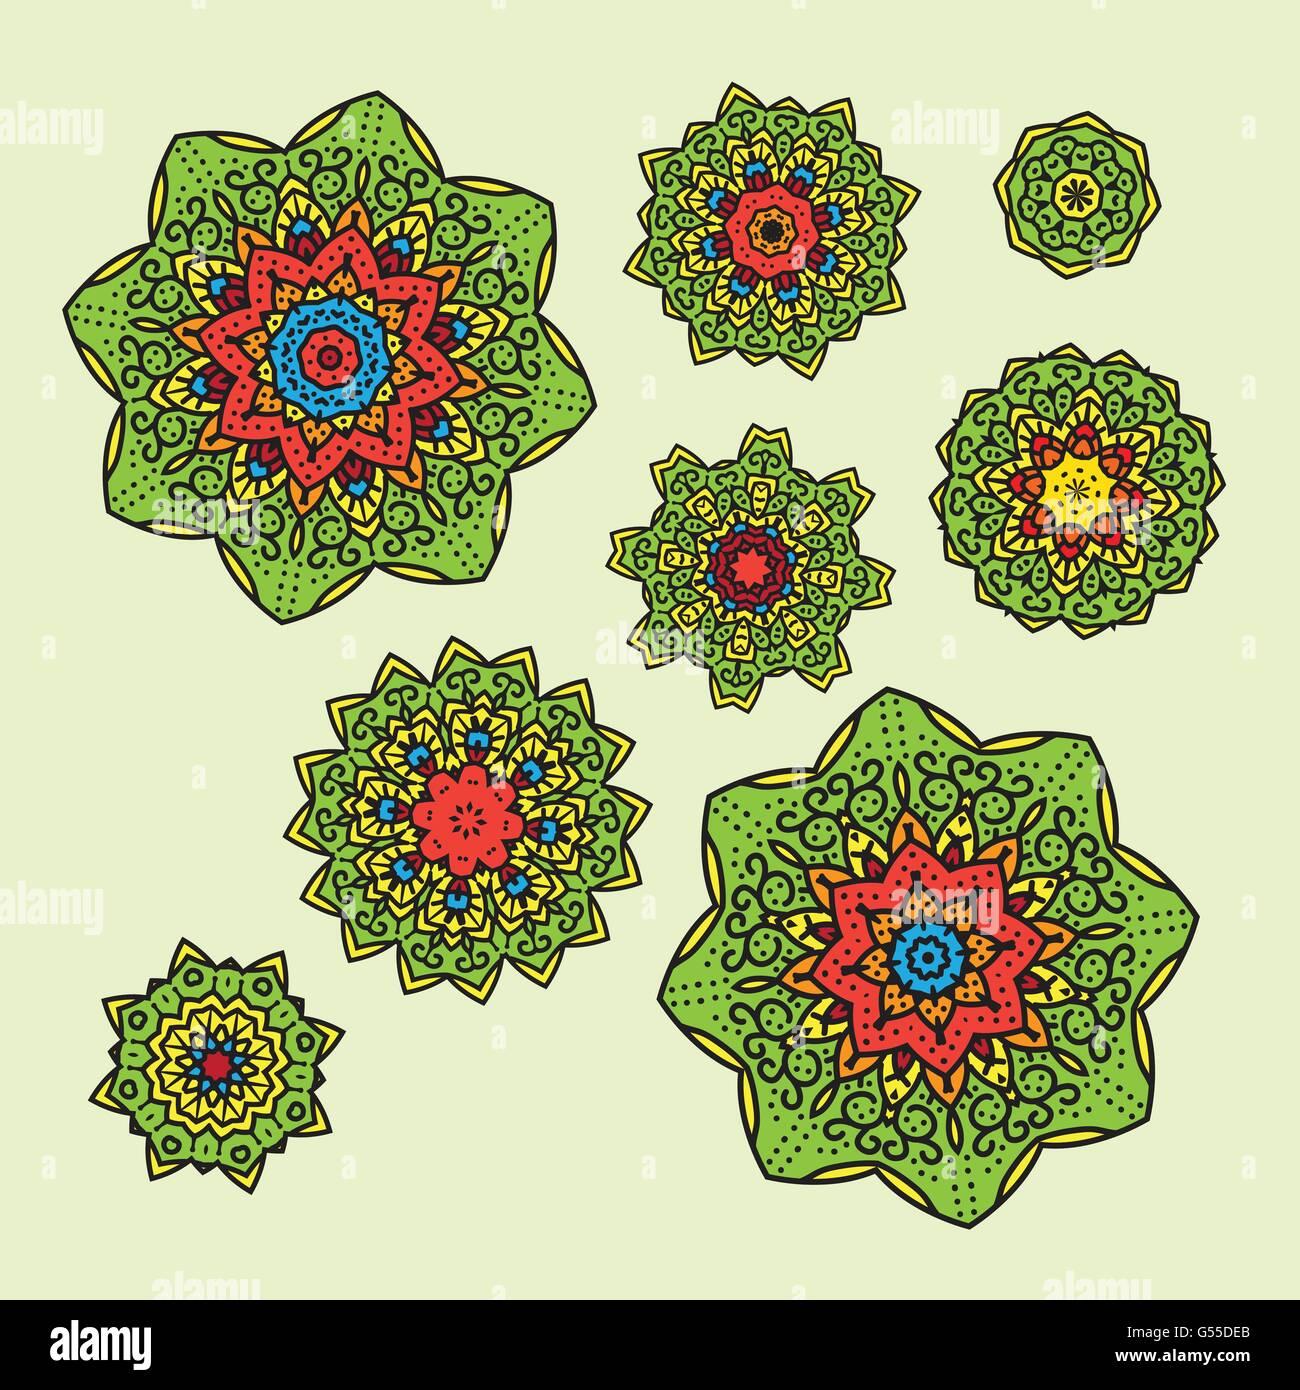 Malvorlagen Mandalas Muster Vektor setzen Design-Darstellung Vektor ...